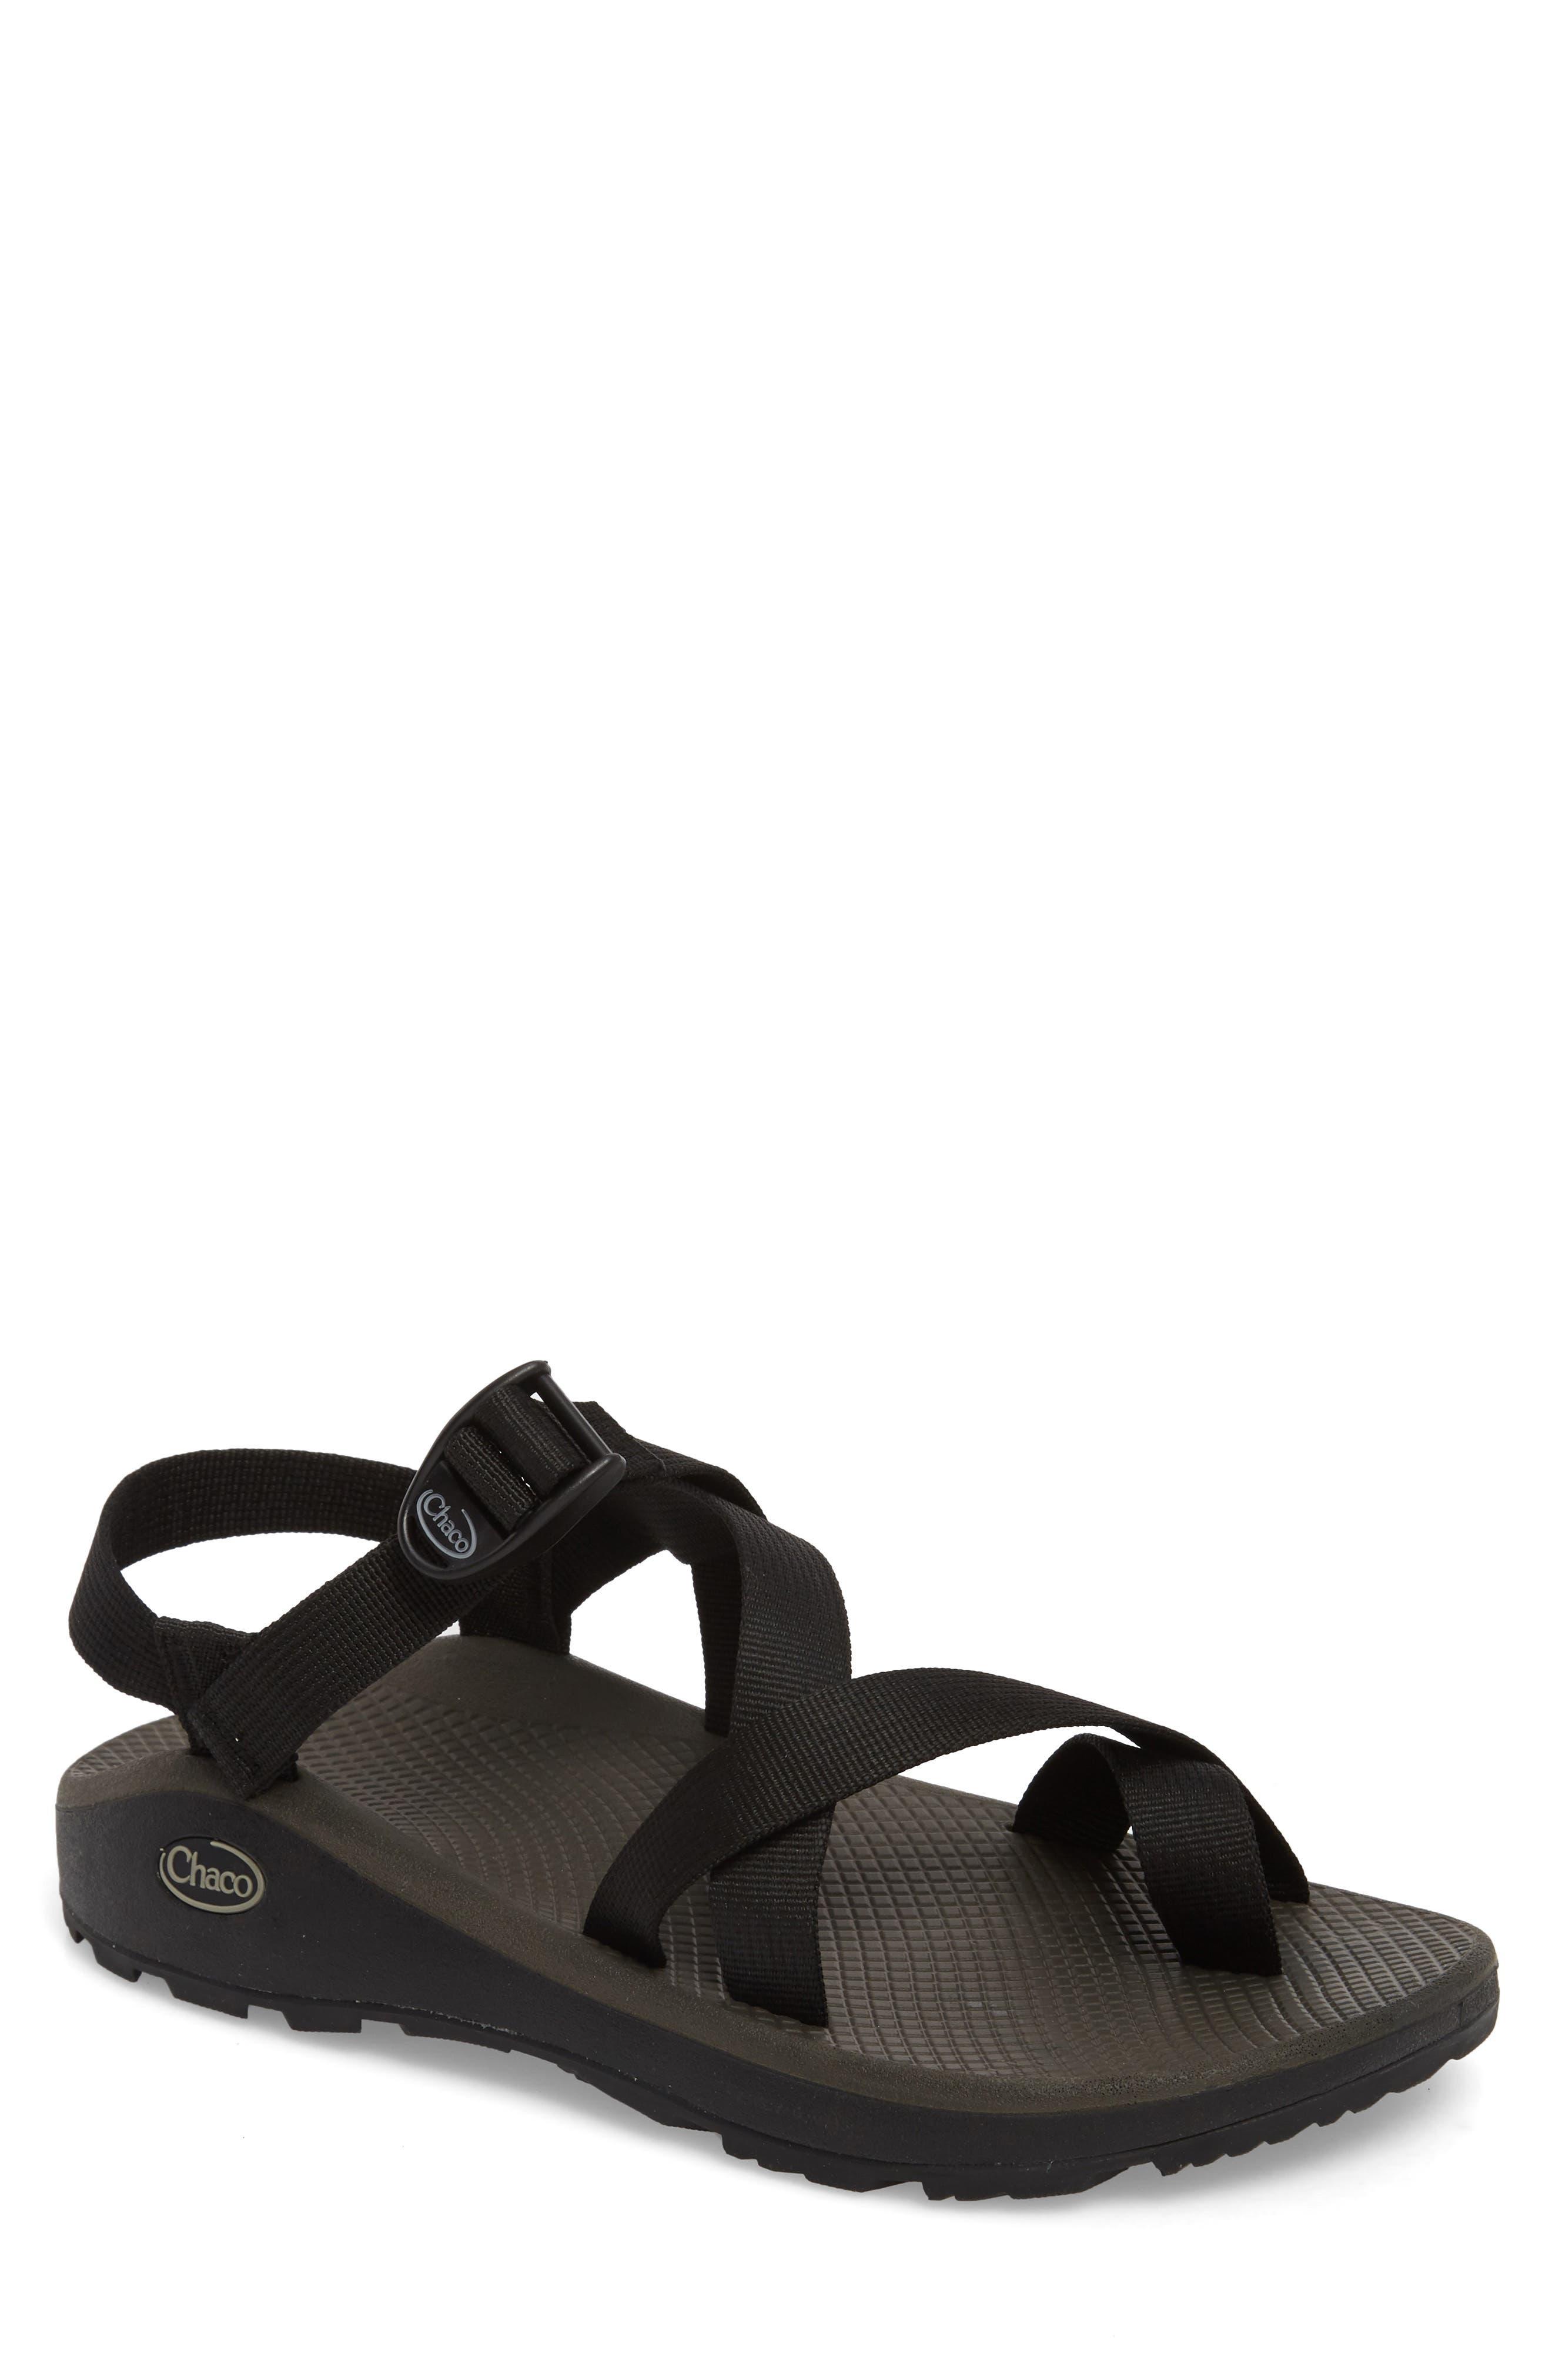 Z/Cloud 2 Sport Sandal,                         Main,                         color, Black